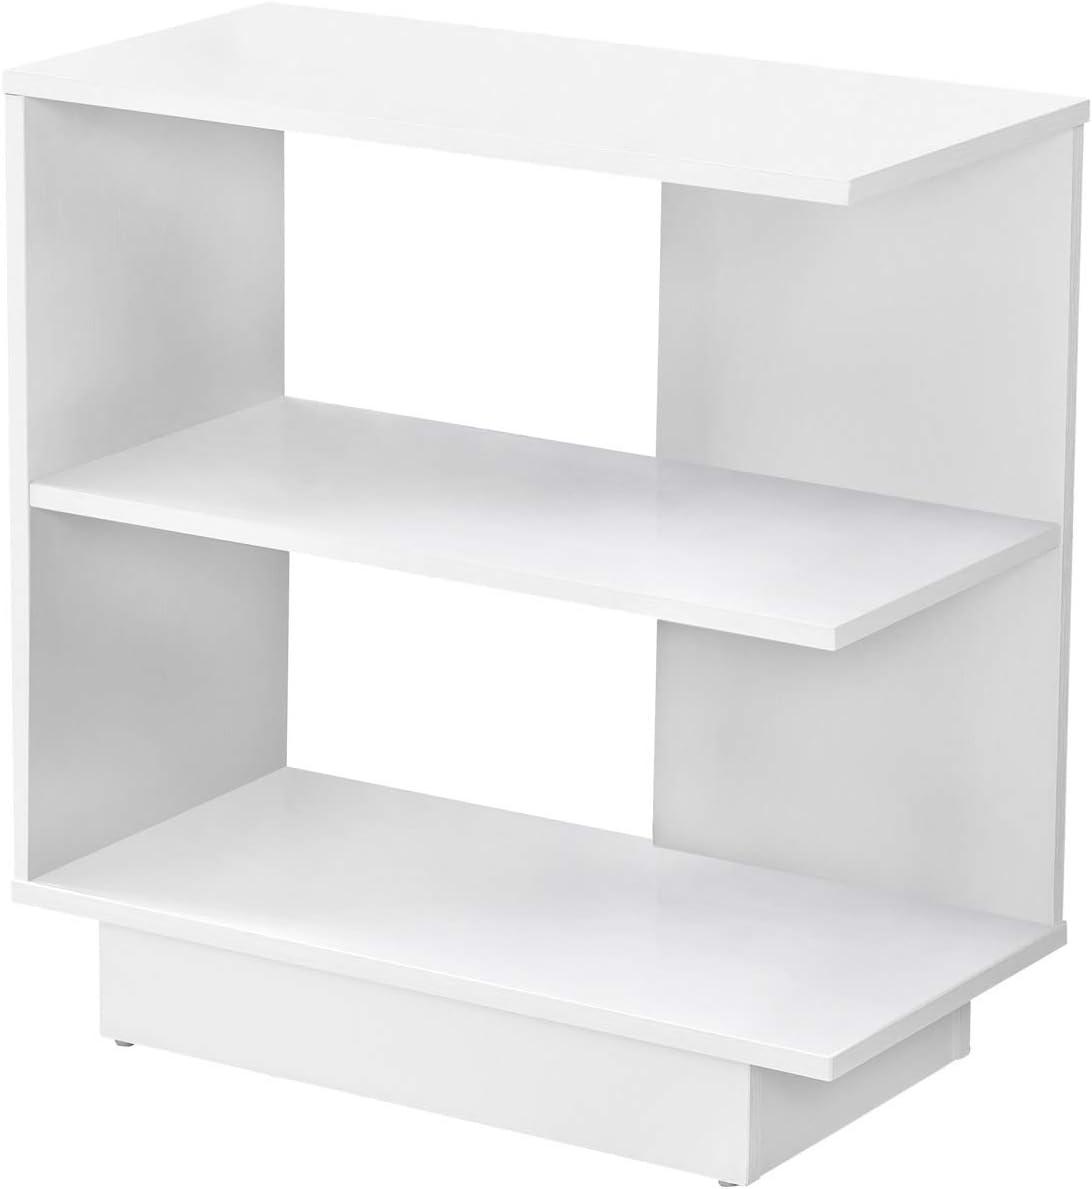 Decovio 15311-W Hampton 24 X 24 inch White Accent End Table